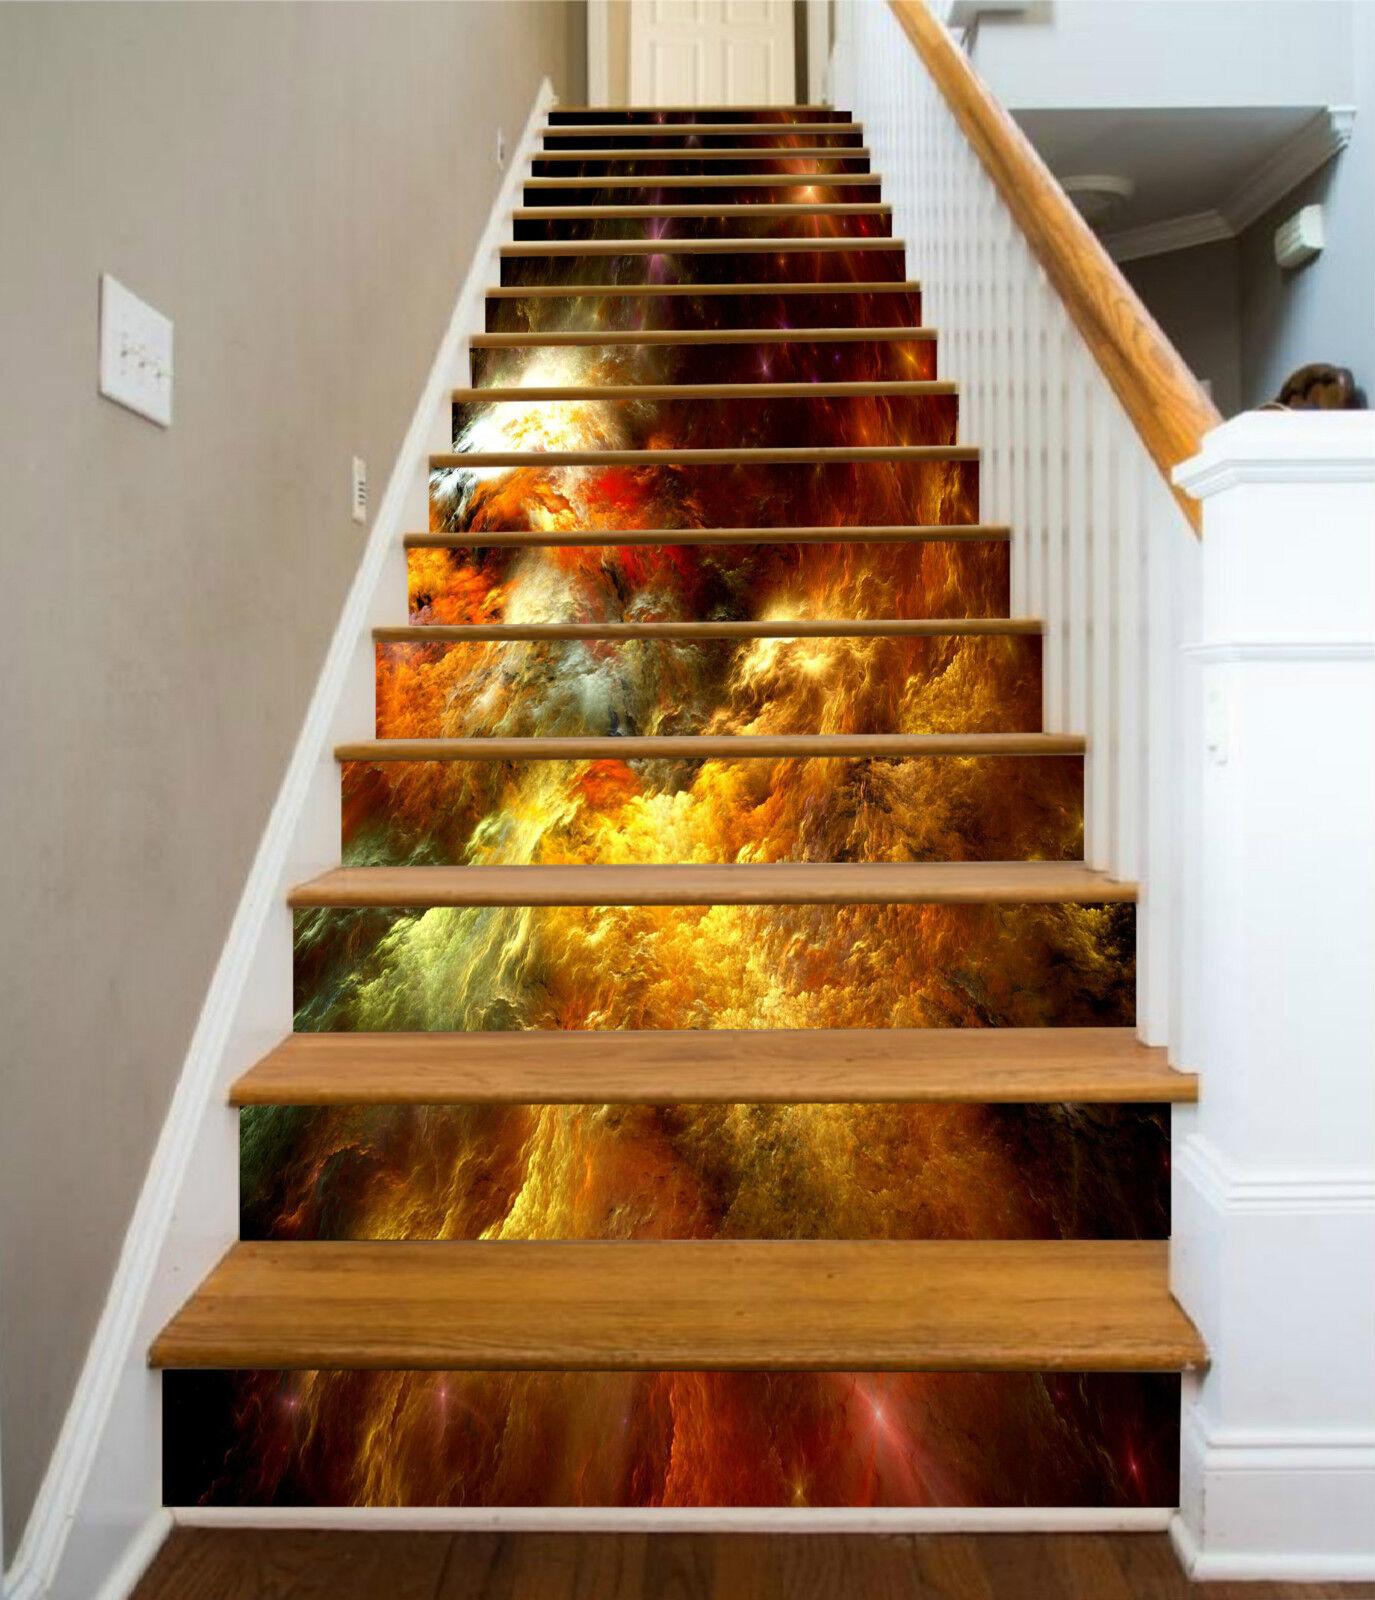 3D Farbe Malerei 79 Stair Risers Dekoration Fototapete Vinyl Aufkleber Tapete DE